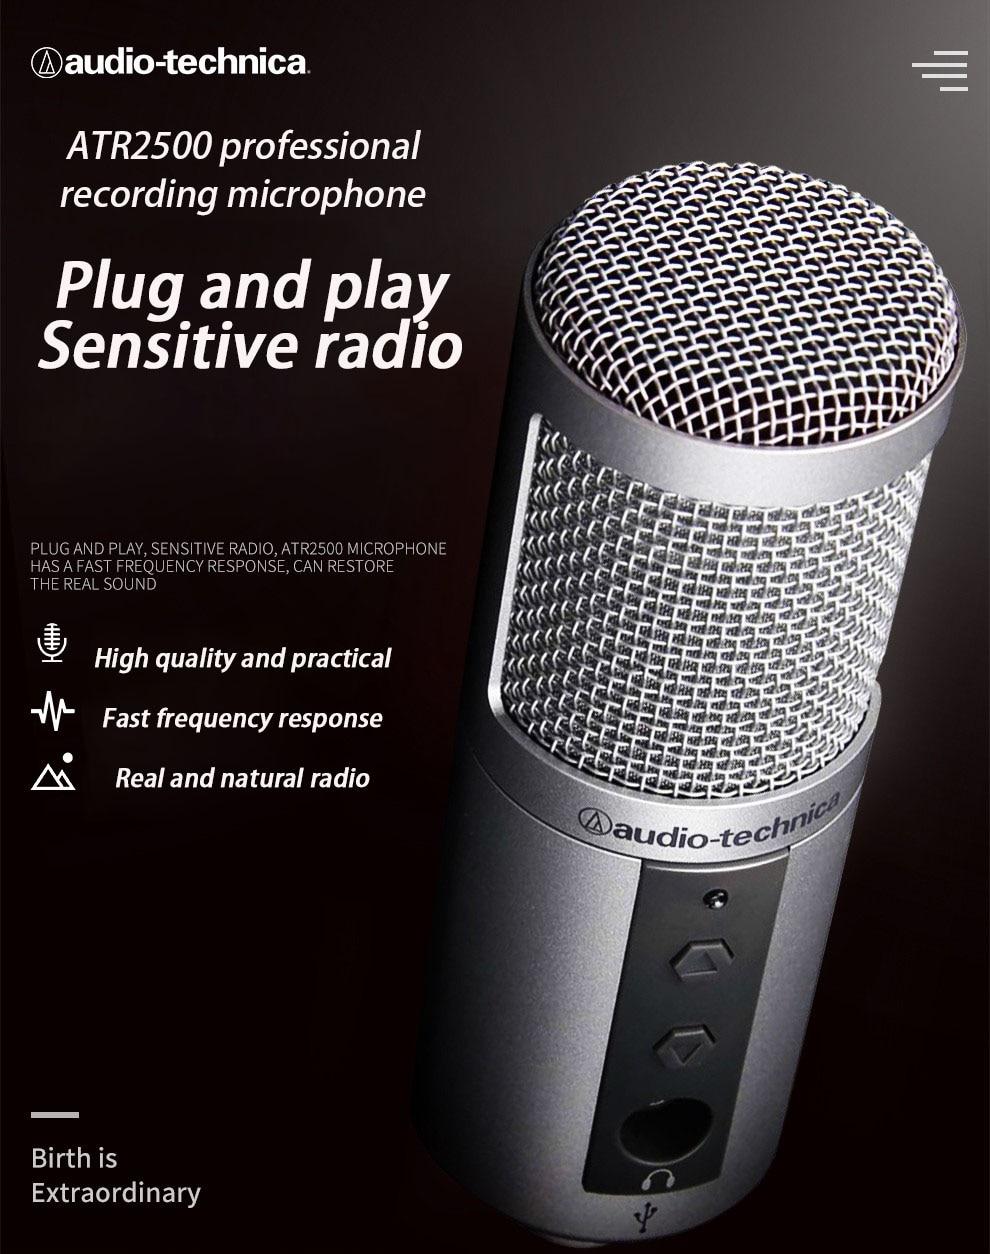 de computador microfone ao vivo gravação âncora gravação música registro